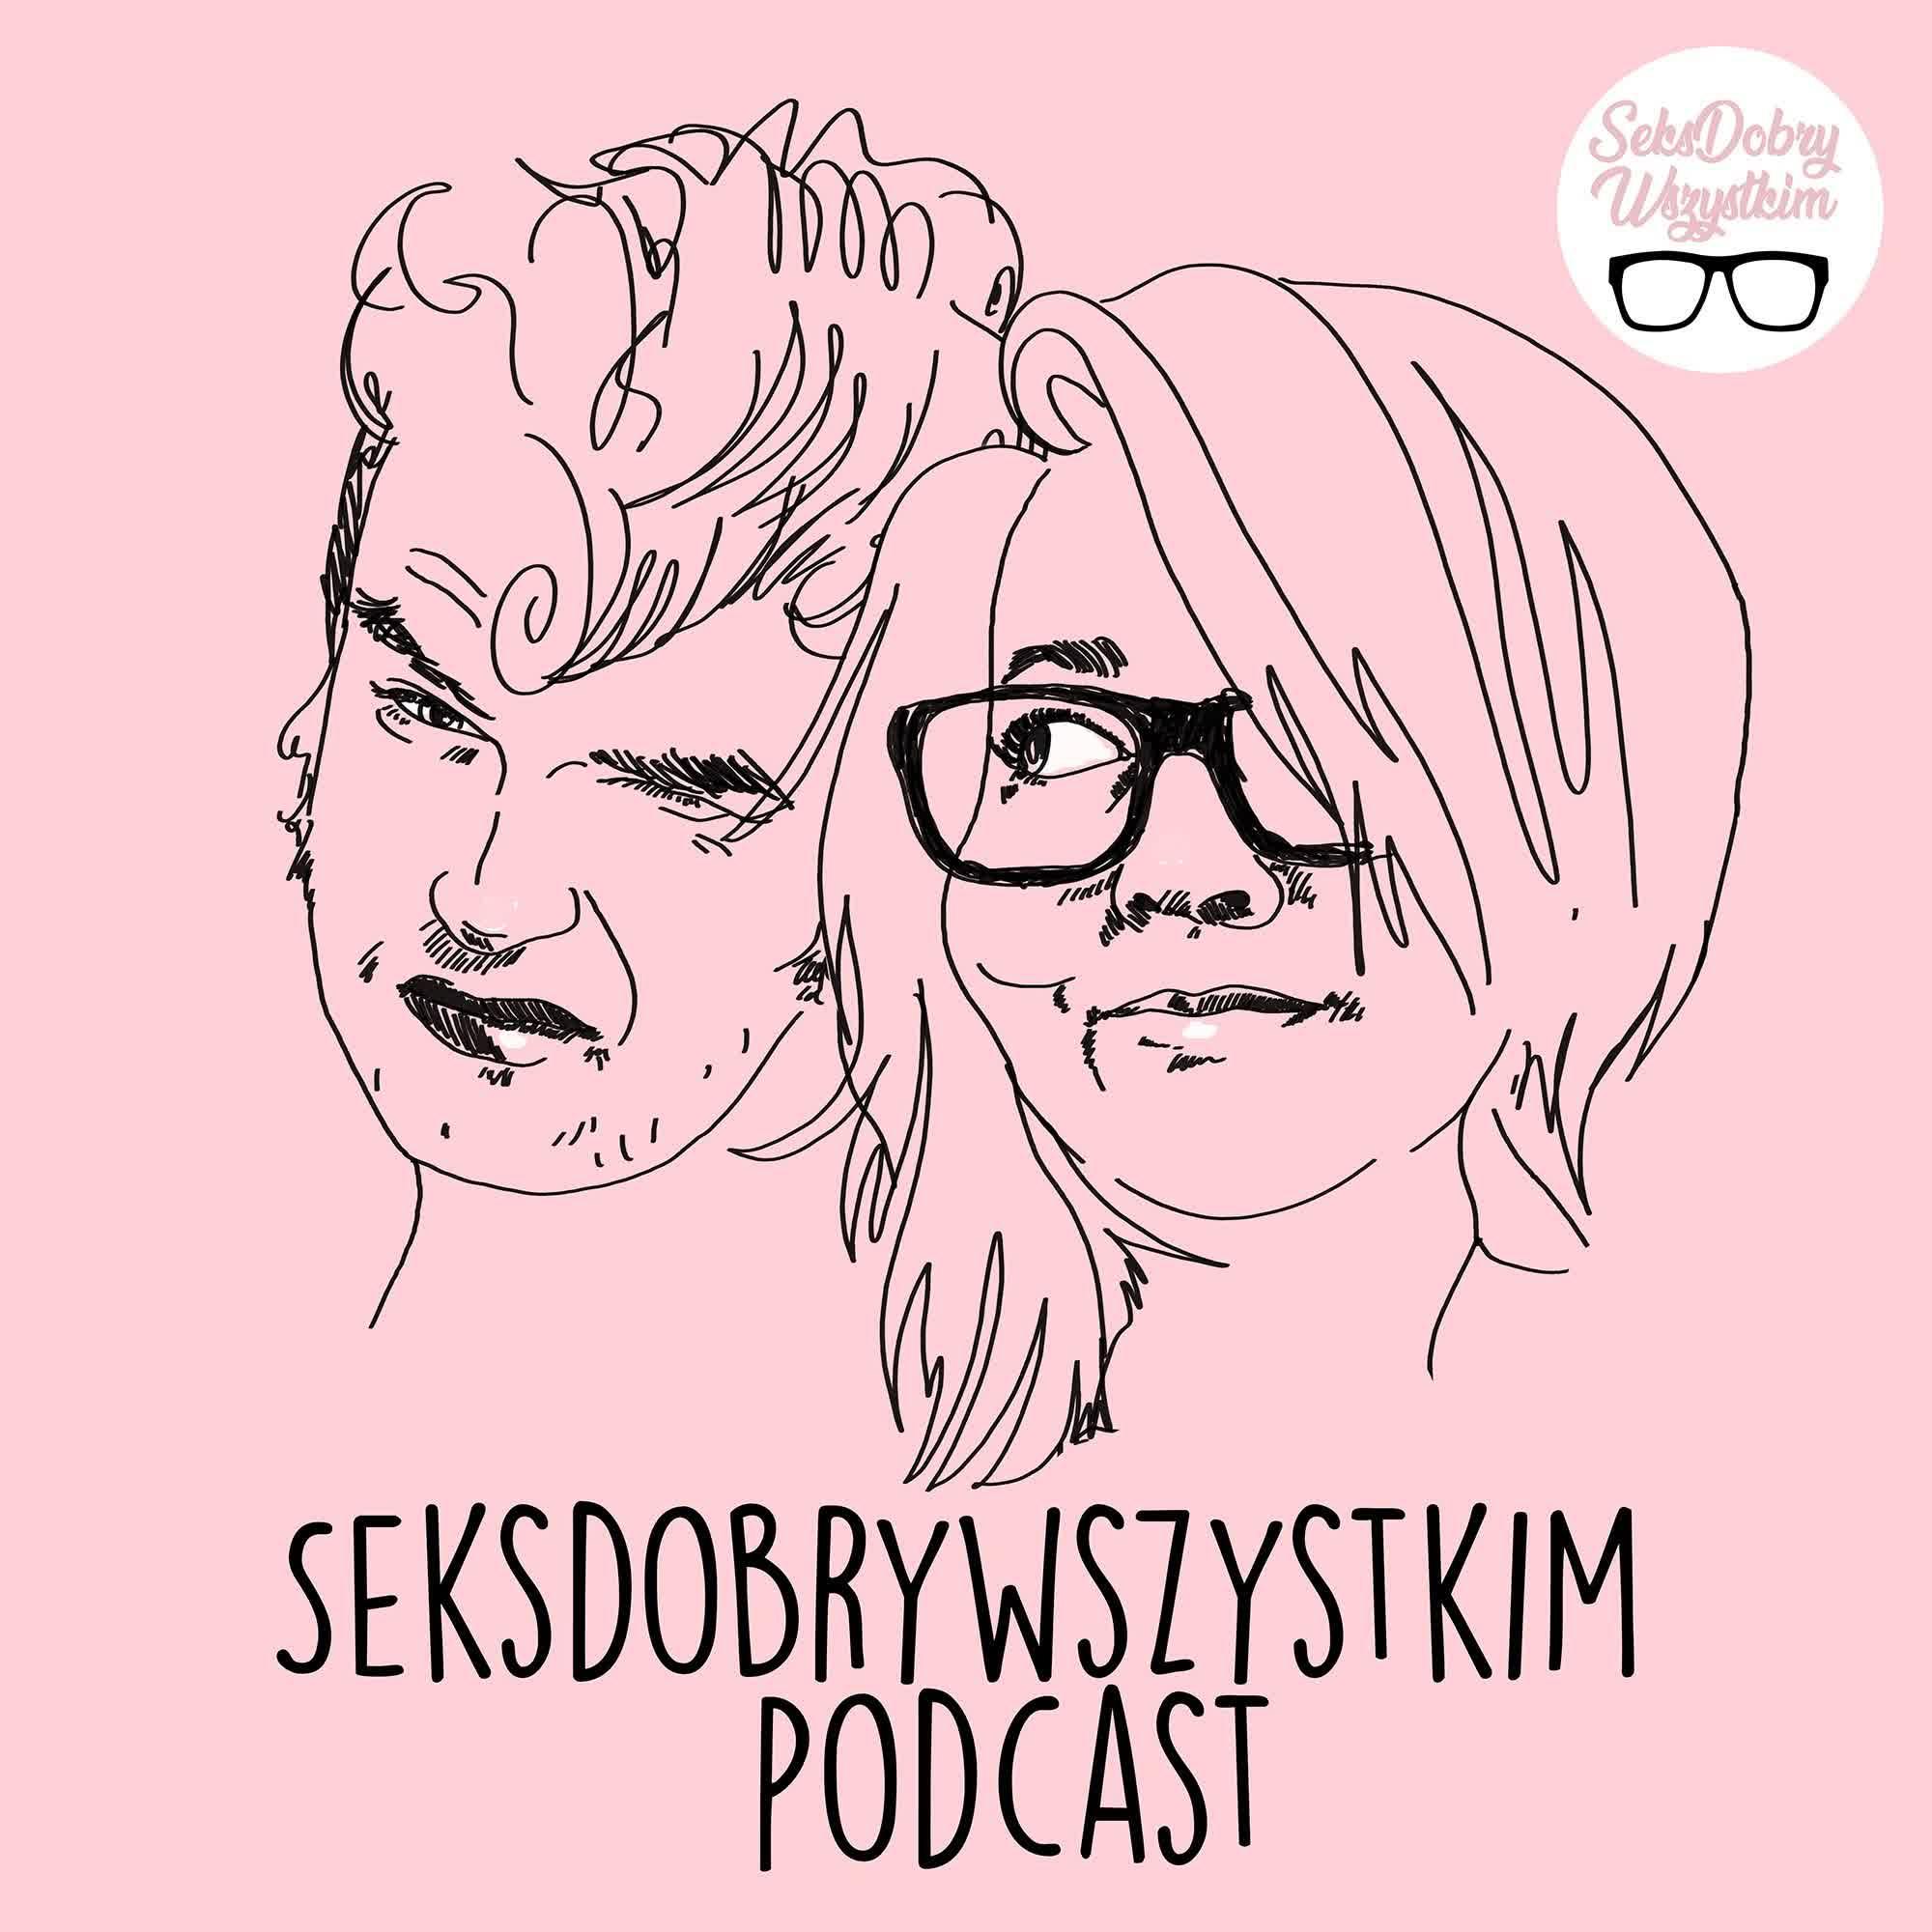 SeksDobryWszystkim Podcast